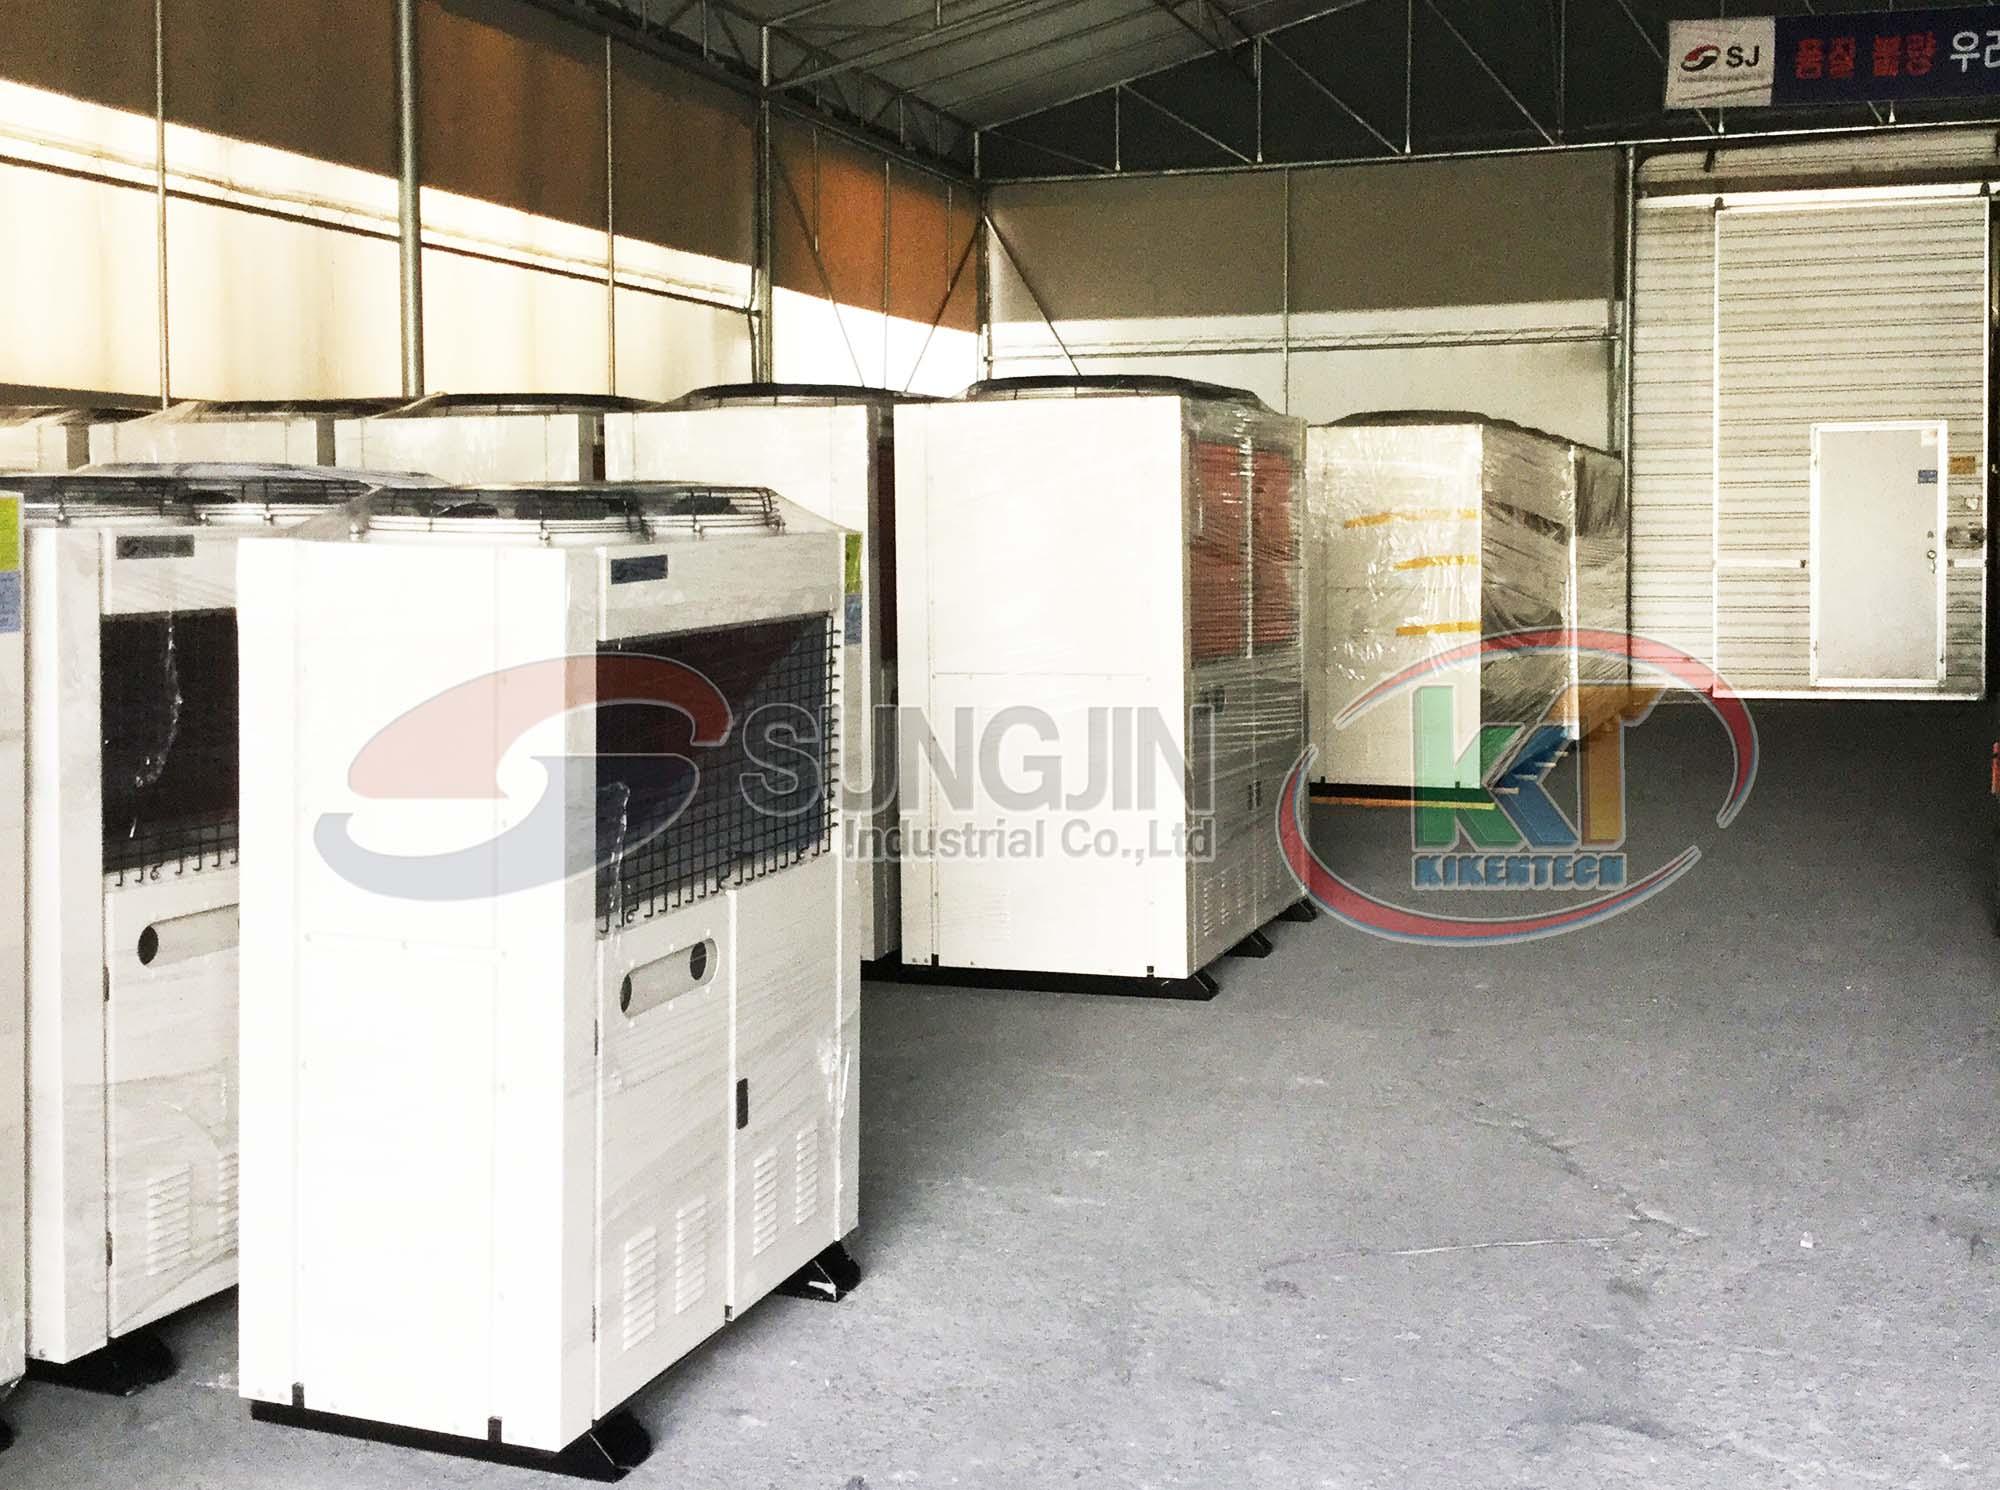 Sửa chữa bảo dưỡng bảo trì máy nén kho lạnh là vấn đề cần thiết. Lắp đặt kho lạnh chất lượng cần các máy móc lạnh tốt. Lắp đặt kho lạnh chất lượng, lắp máy